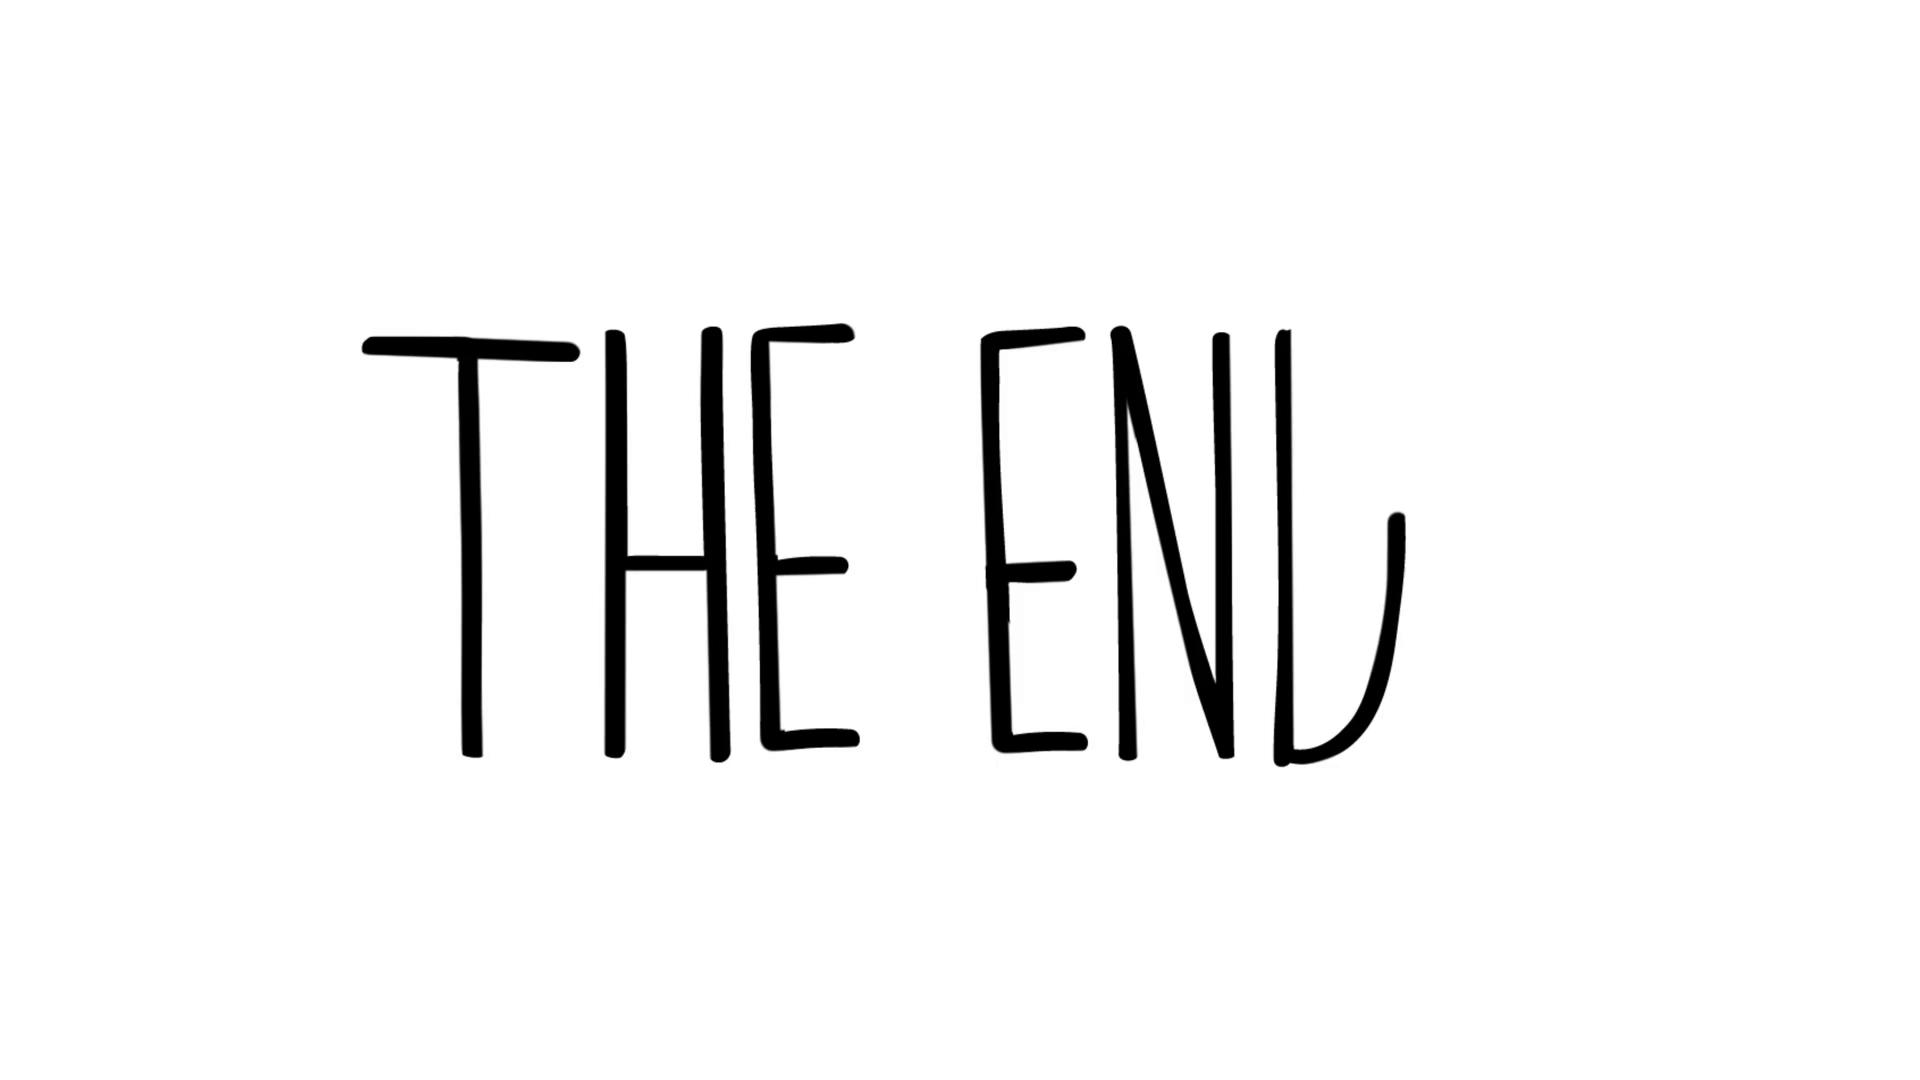 ThuThuatTinHoc - Slide kết thúc đẹp (5)